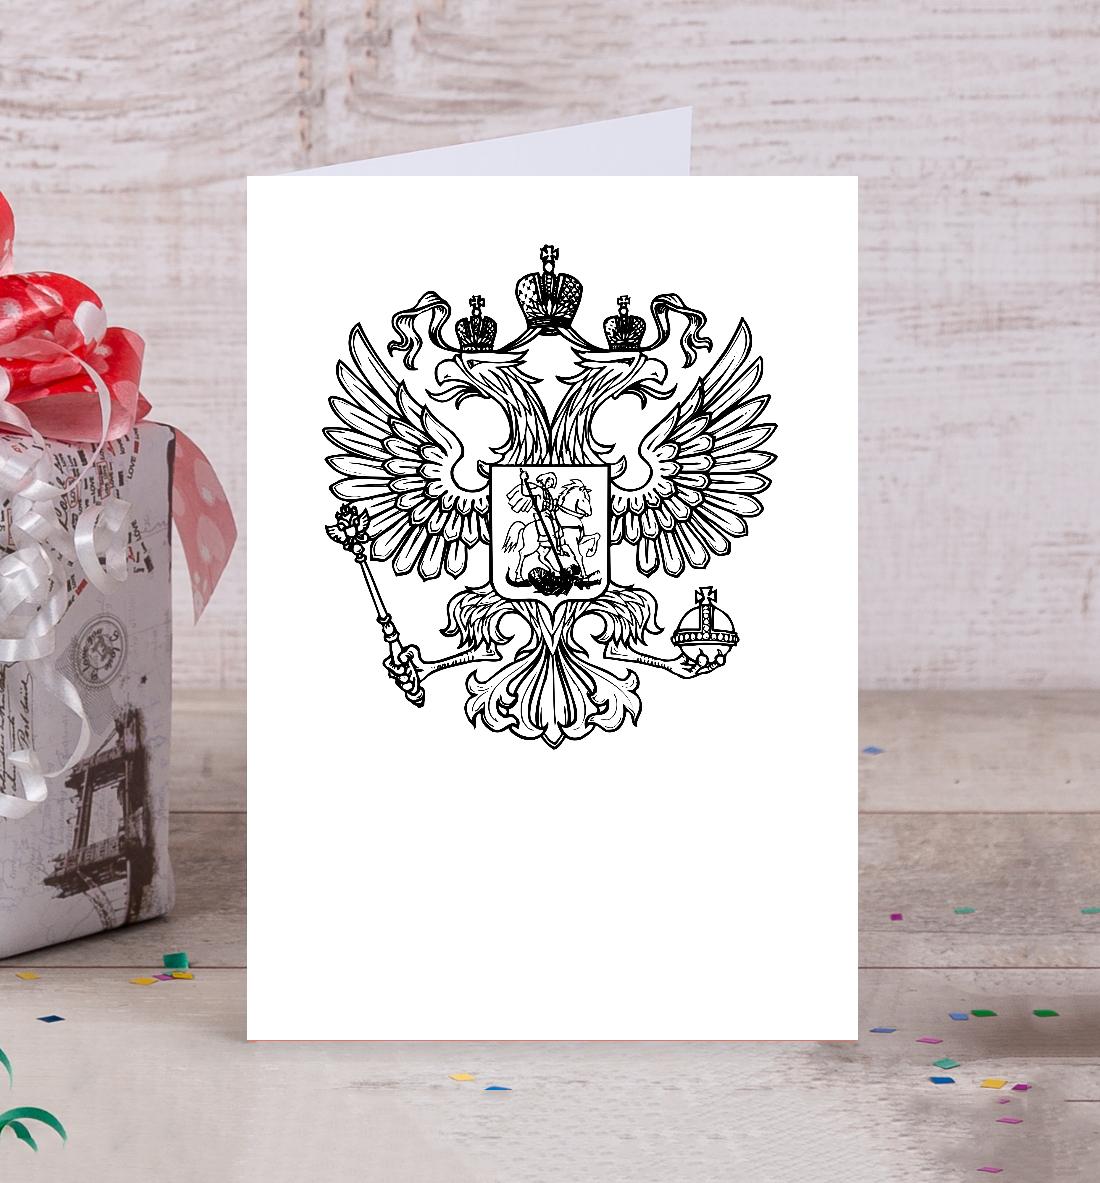 какой открытки с гербом российской федерации как видно